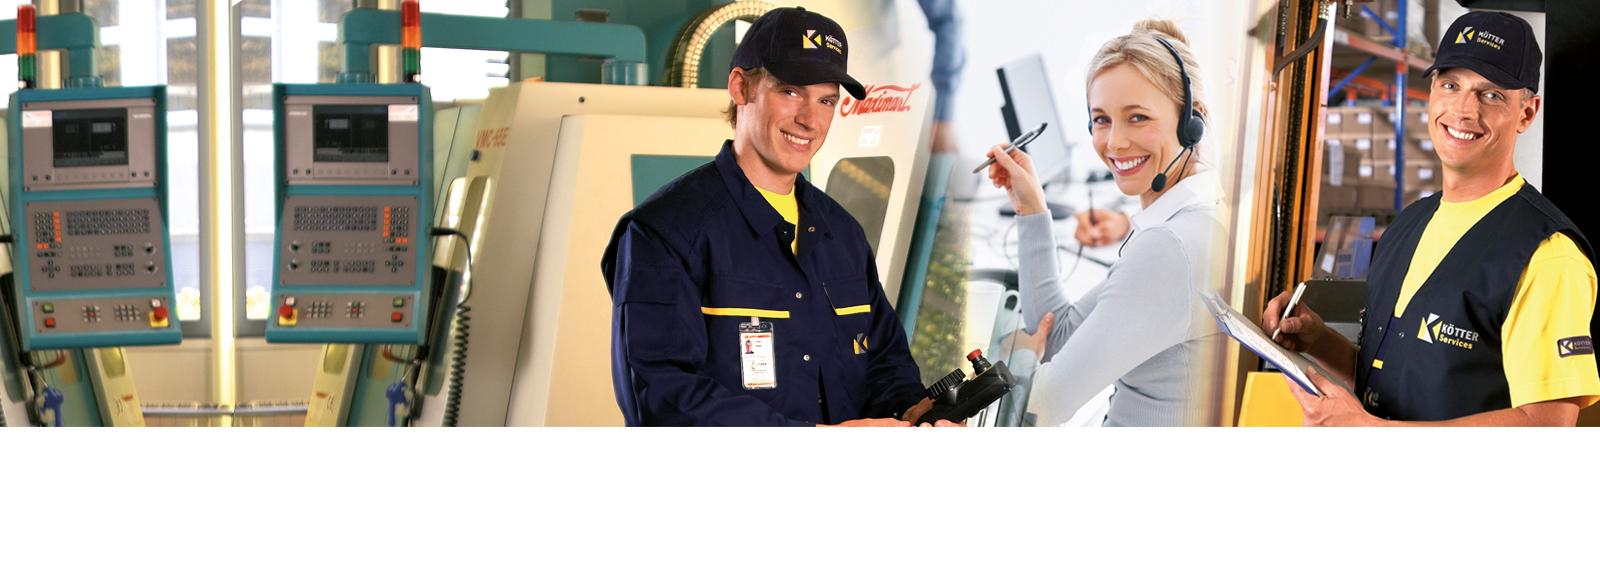 KÖTTER Personal Service Euskirchen: Personaldienstleistung ...